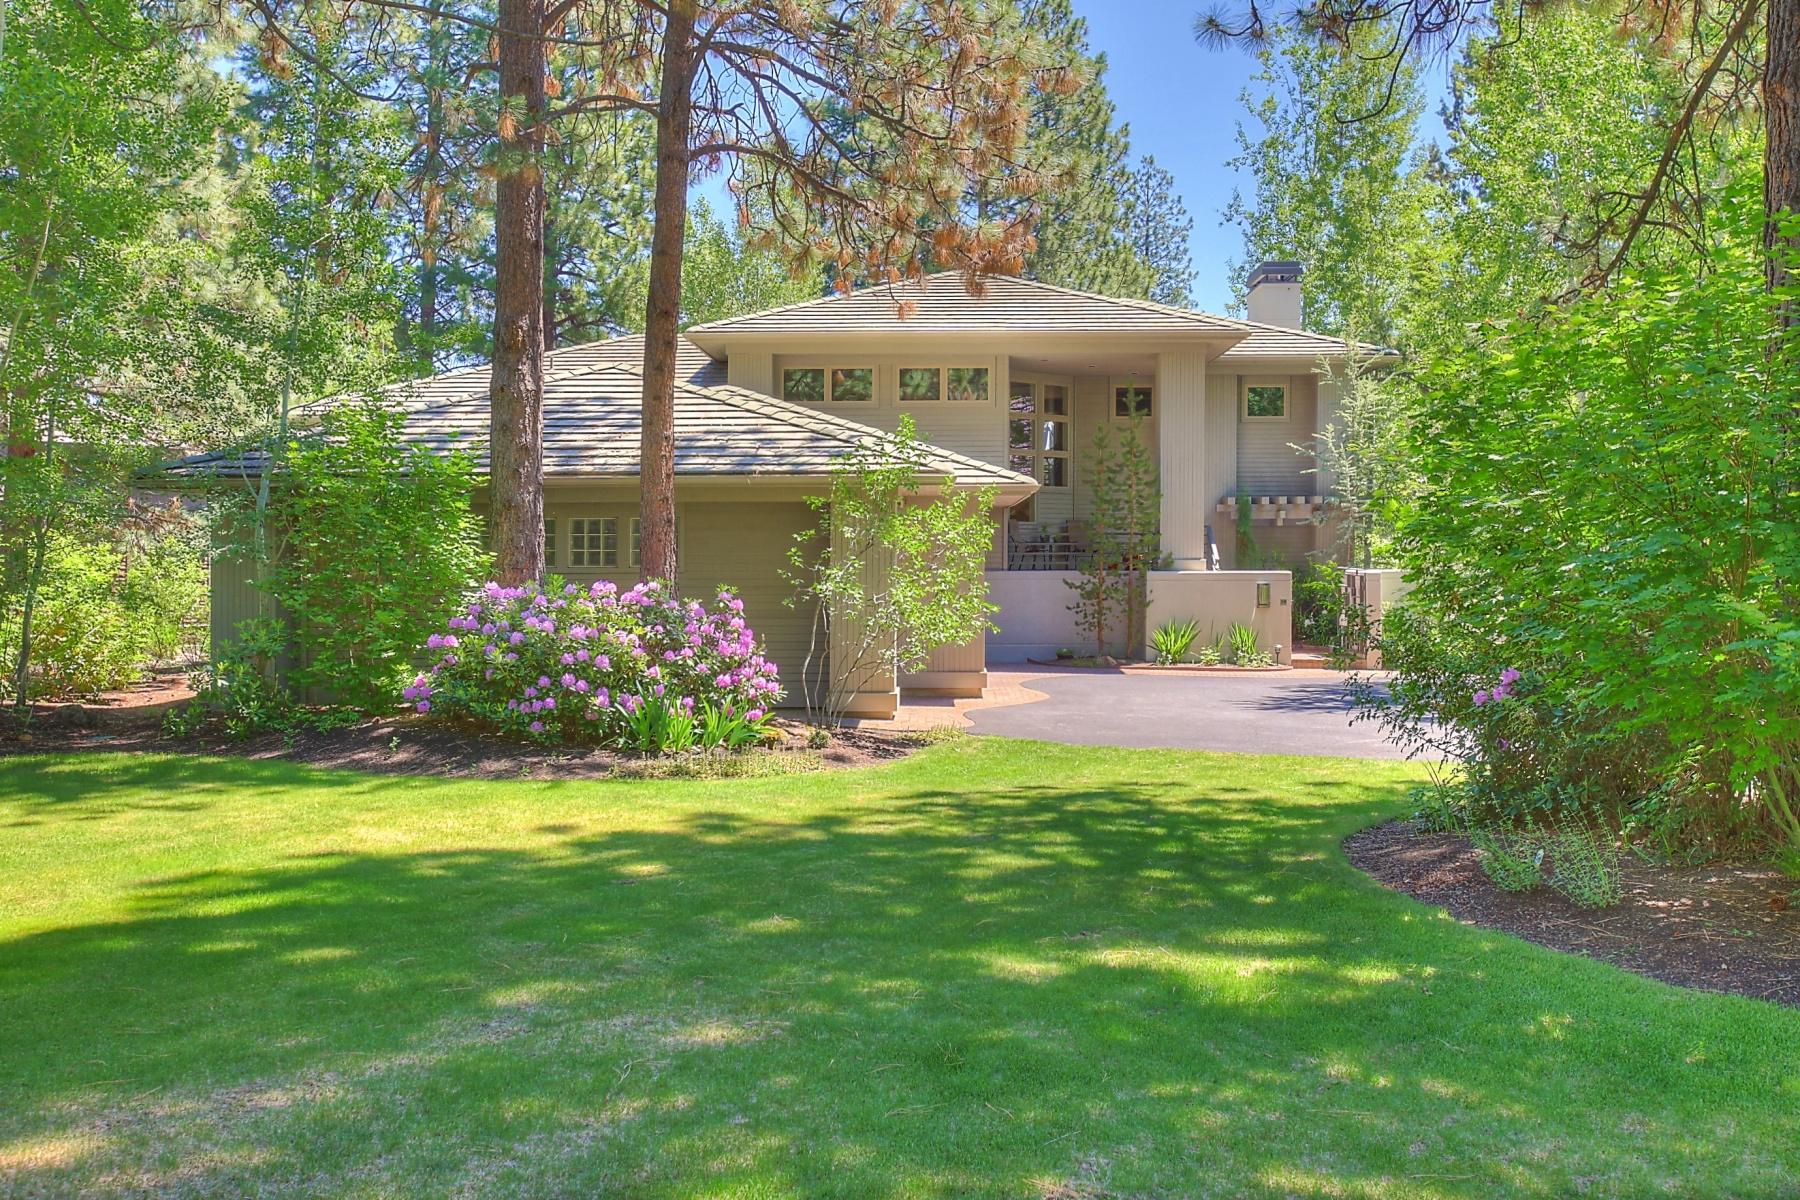 独户住宅 为 销售 在 Timeless Contemporary in Brokentop 61715 Tam McArthur Loop 本德, 俄勒冈州, 97702 美国